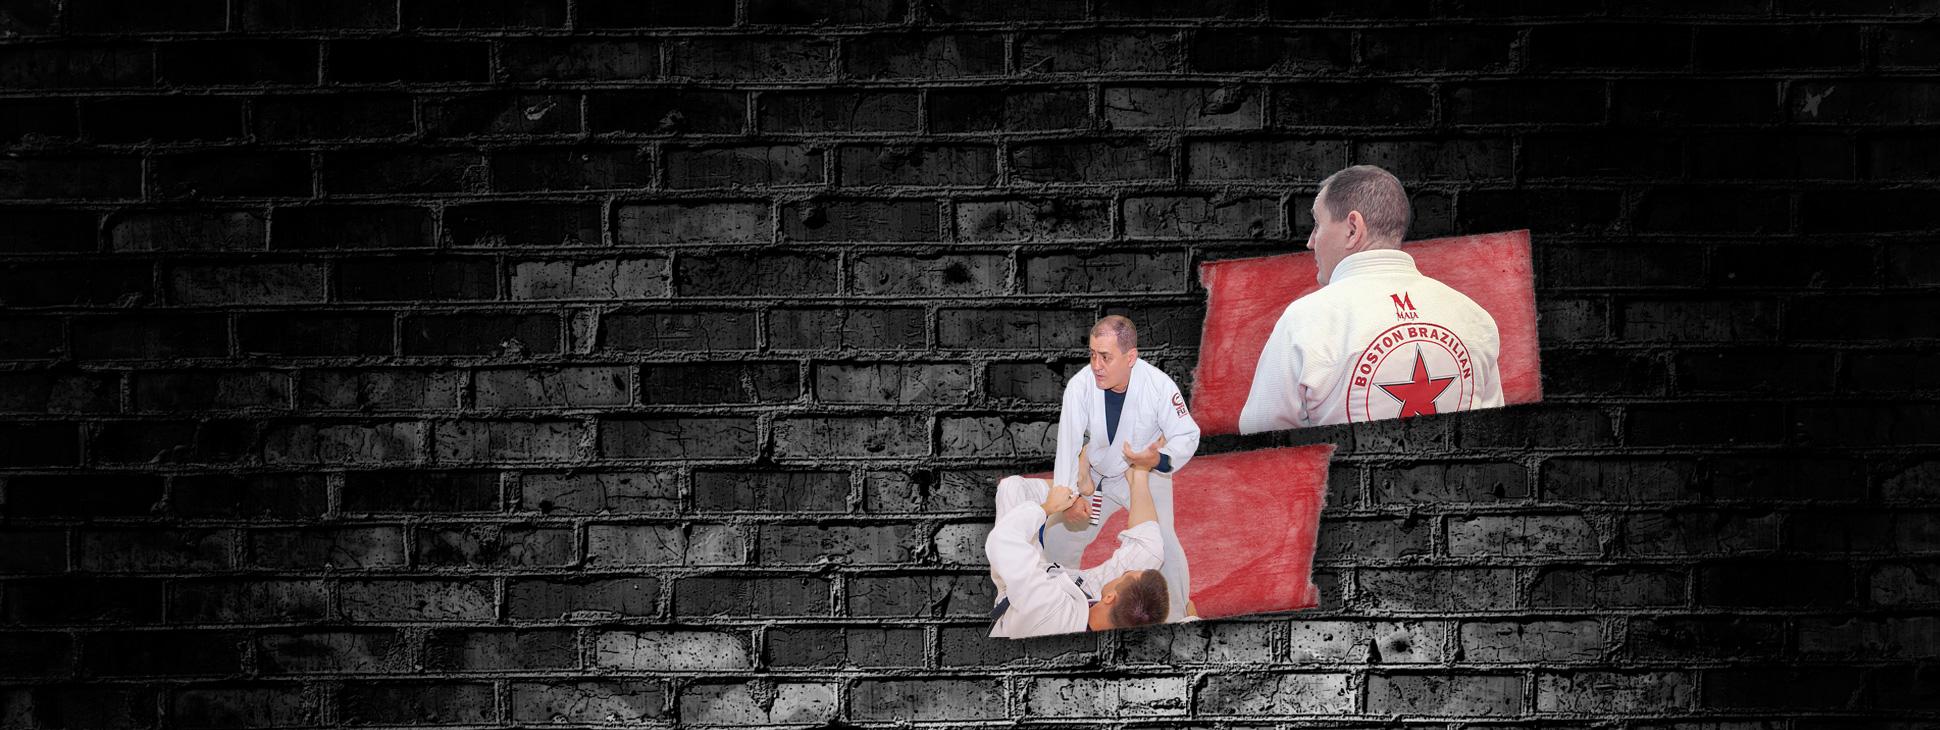 Roberto Maia Brazilian Jiu-Jitsu Event